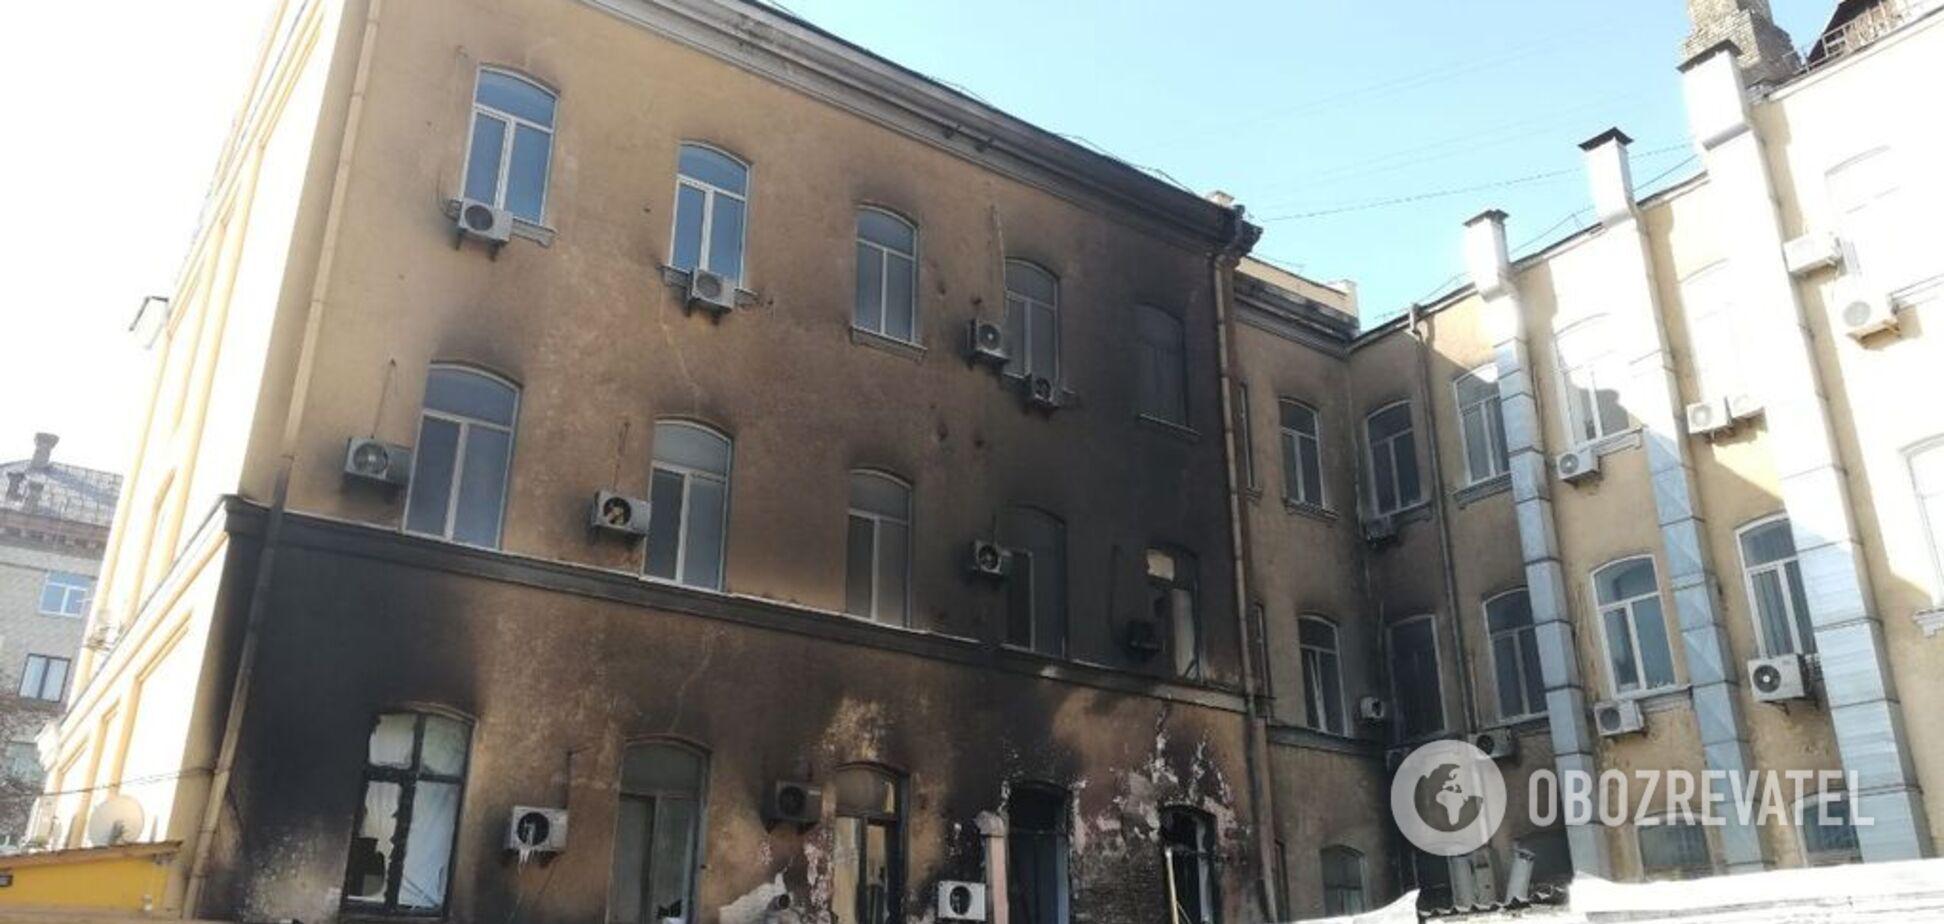 У центрі Києва трапилася страшна пожежа: перші фото НП